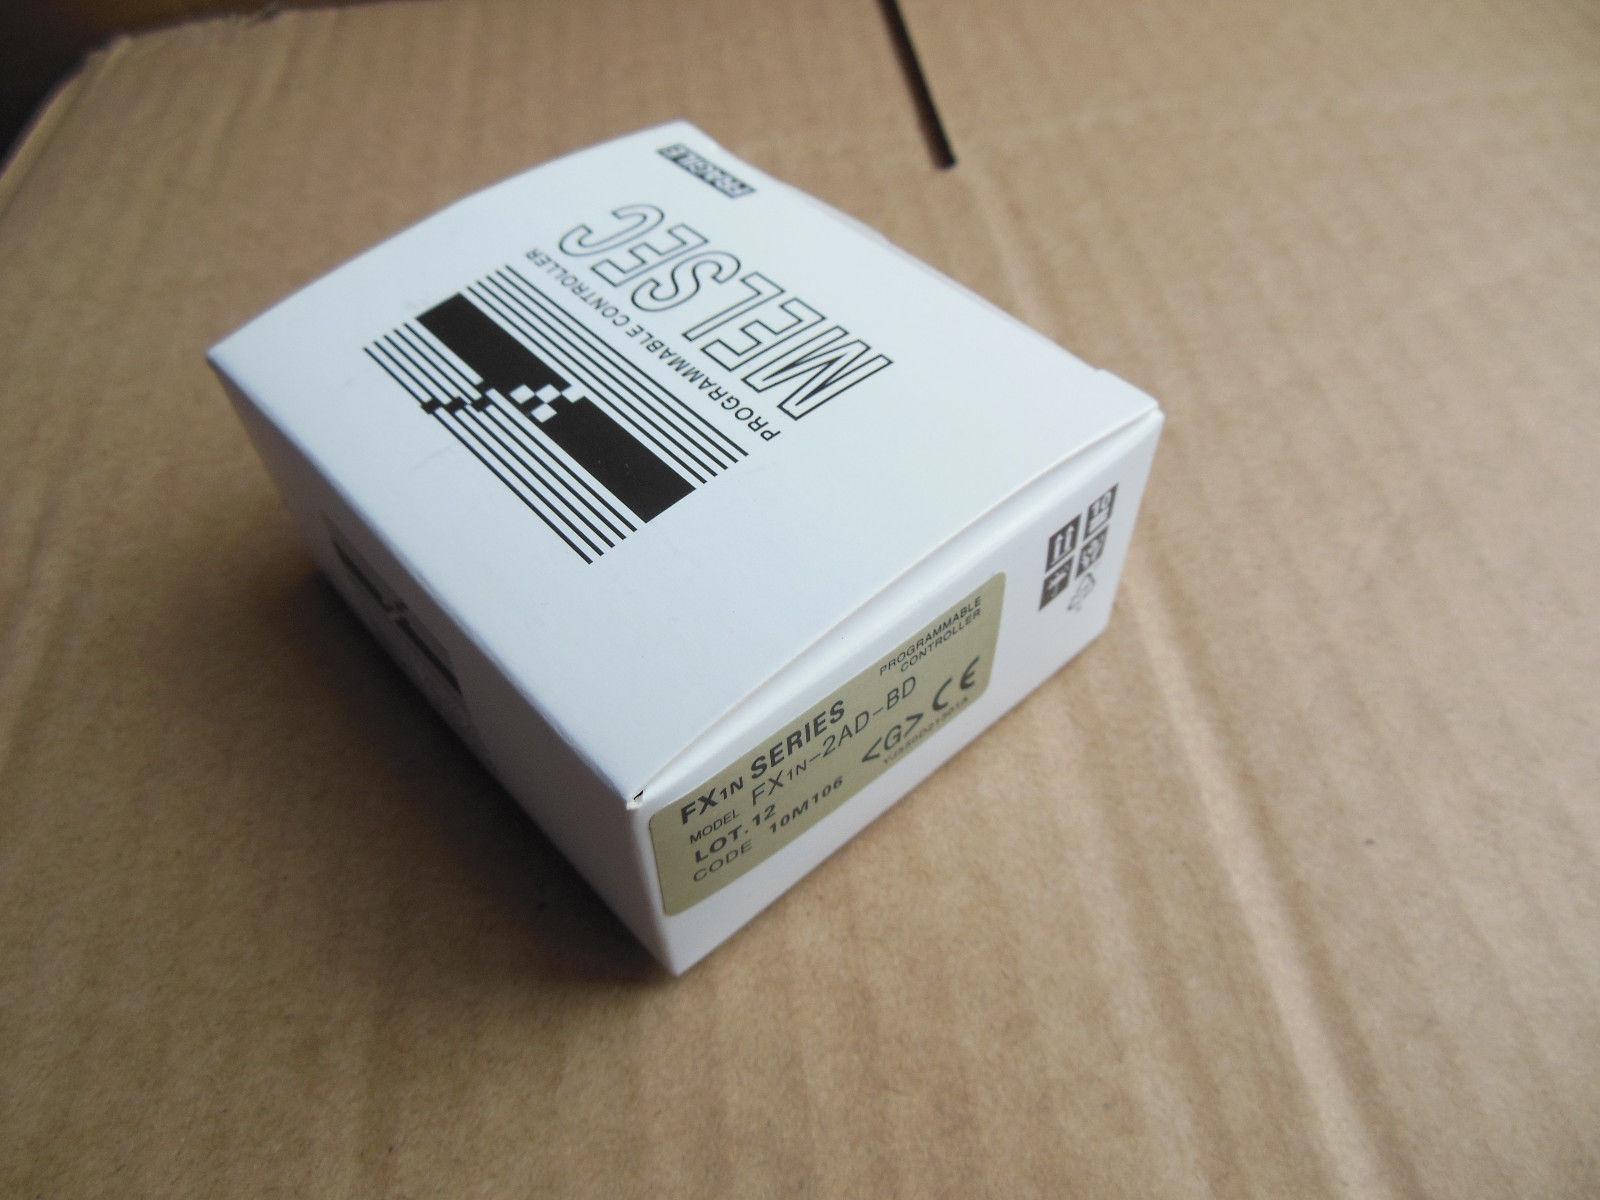 1PC Mitsubishi FX1N-24MR-ES//UL Programable controladores FX 1 n 24 MREs//UL Nuevo En Caja